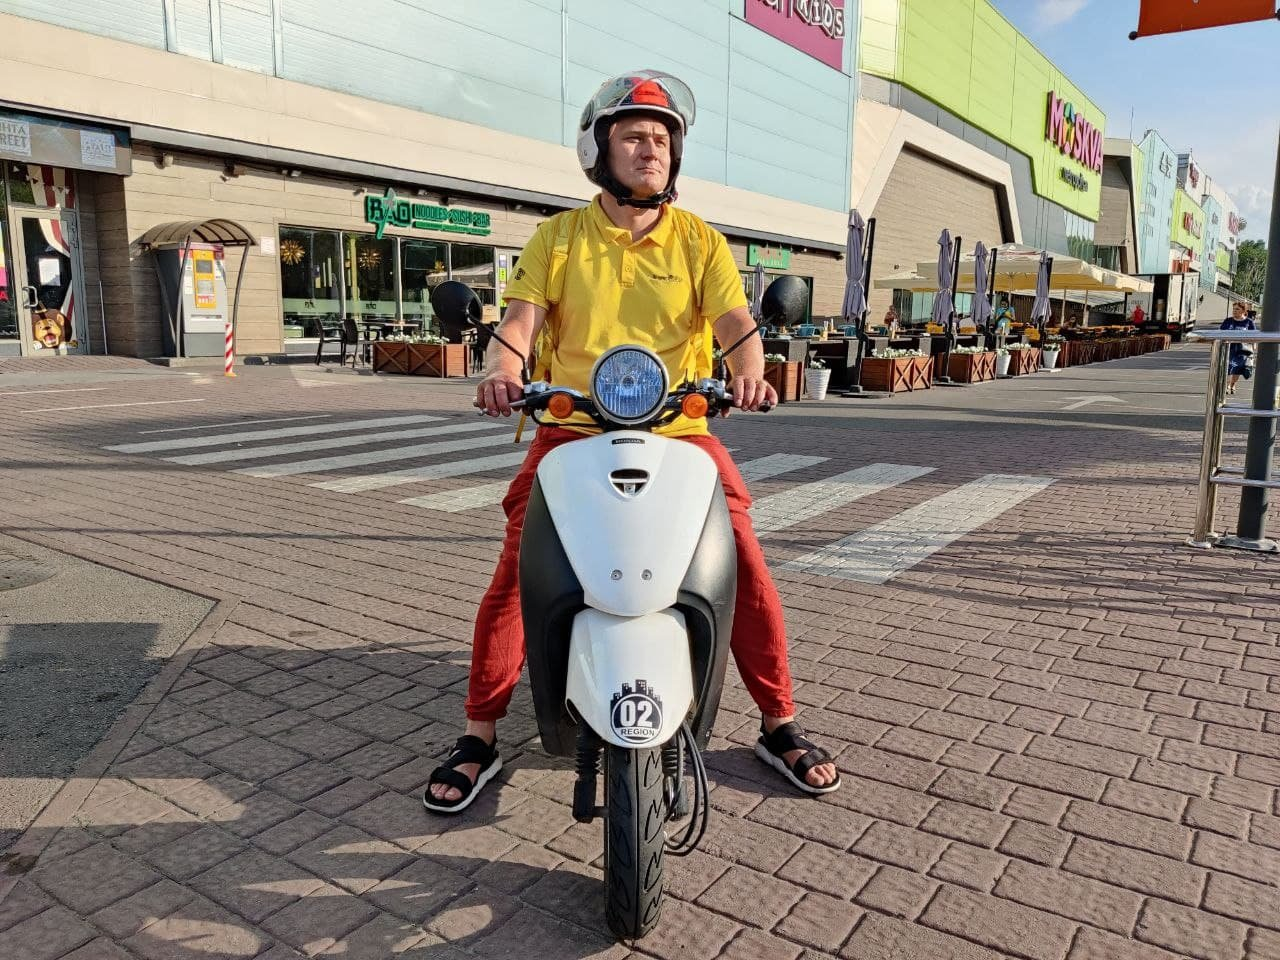 В хорошую погоду Евгений всегда передвигается на скутере, фото Евгения Портных